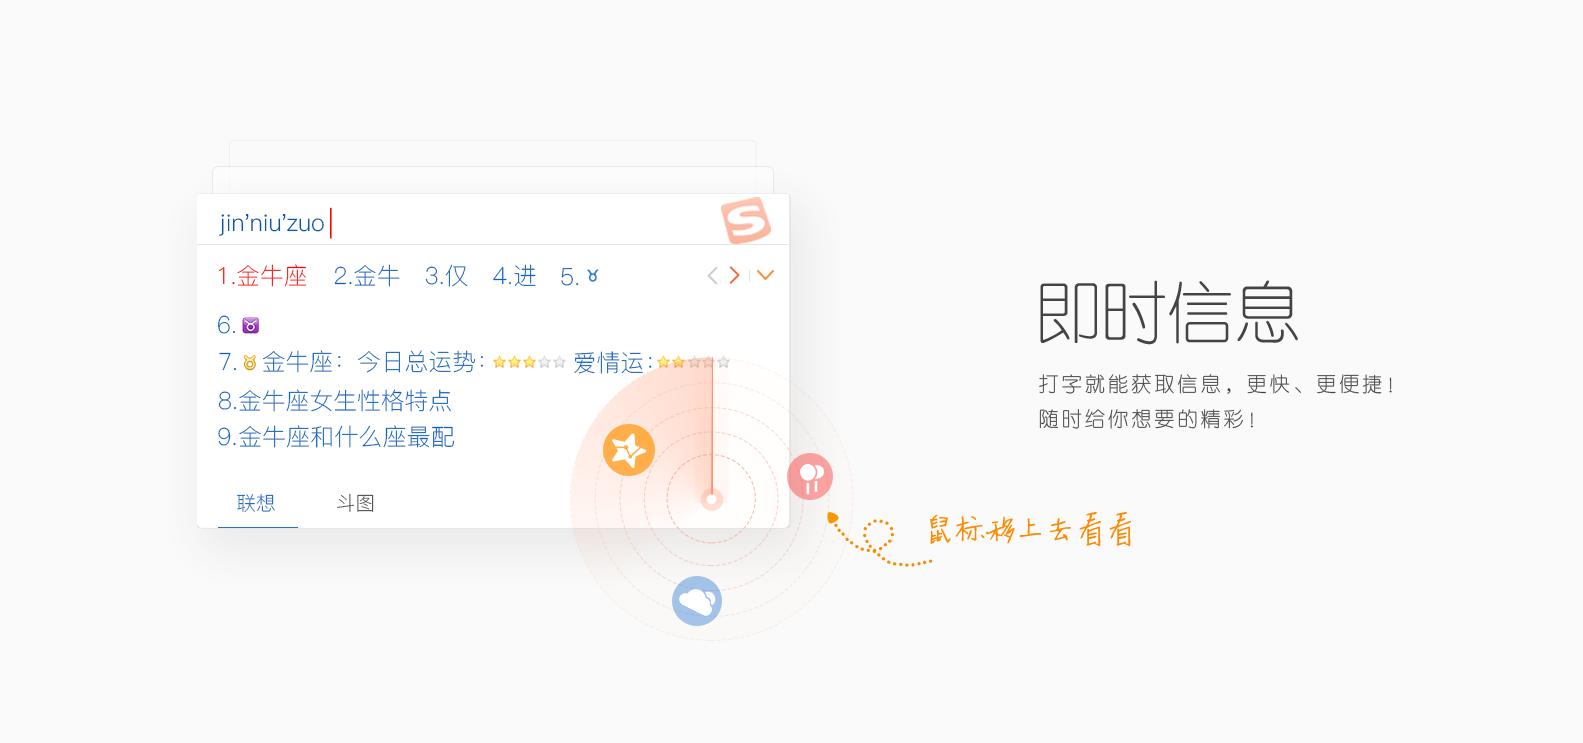 搜狗输入法智慧版3.0 去广告优化版 软件下载 第3张